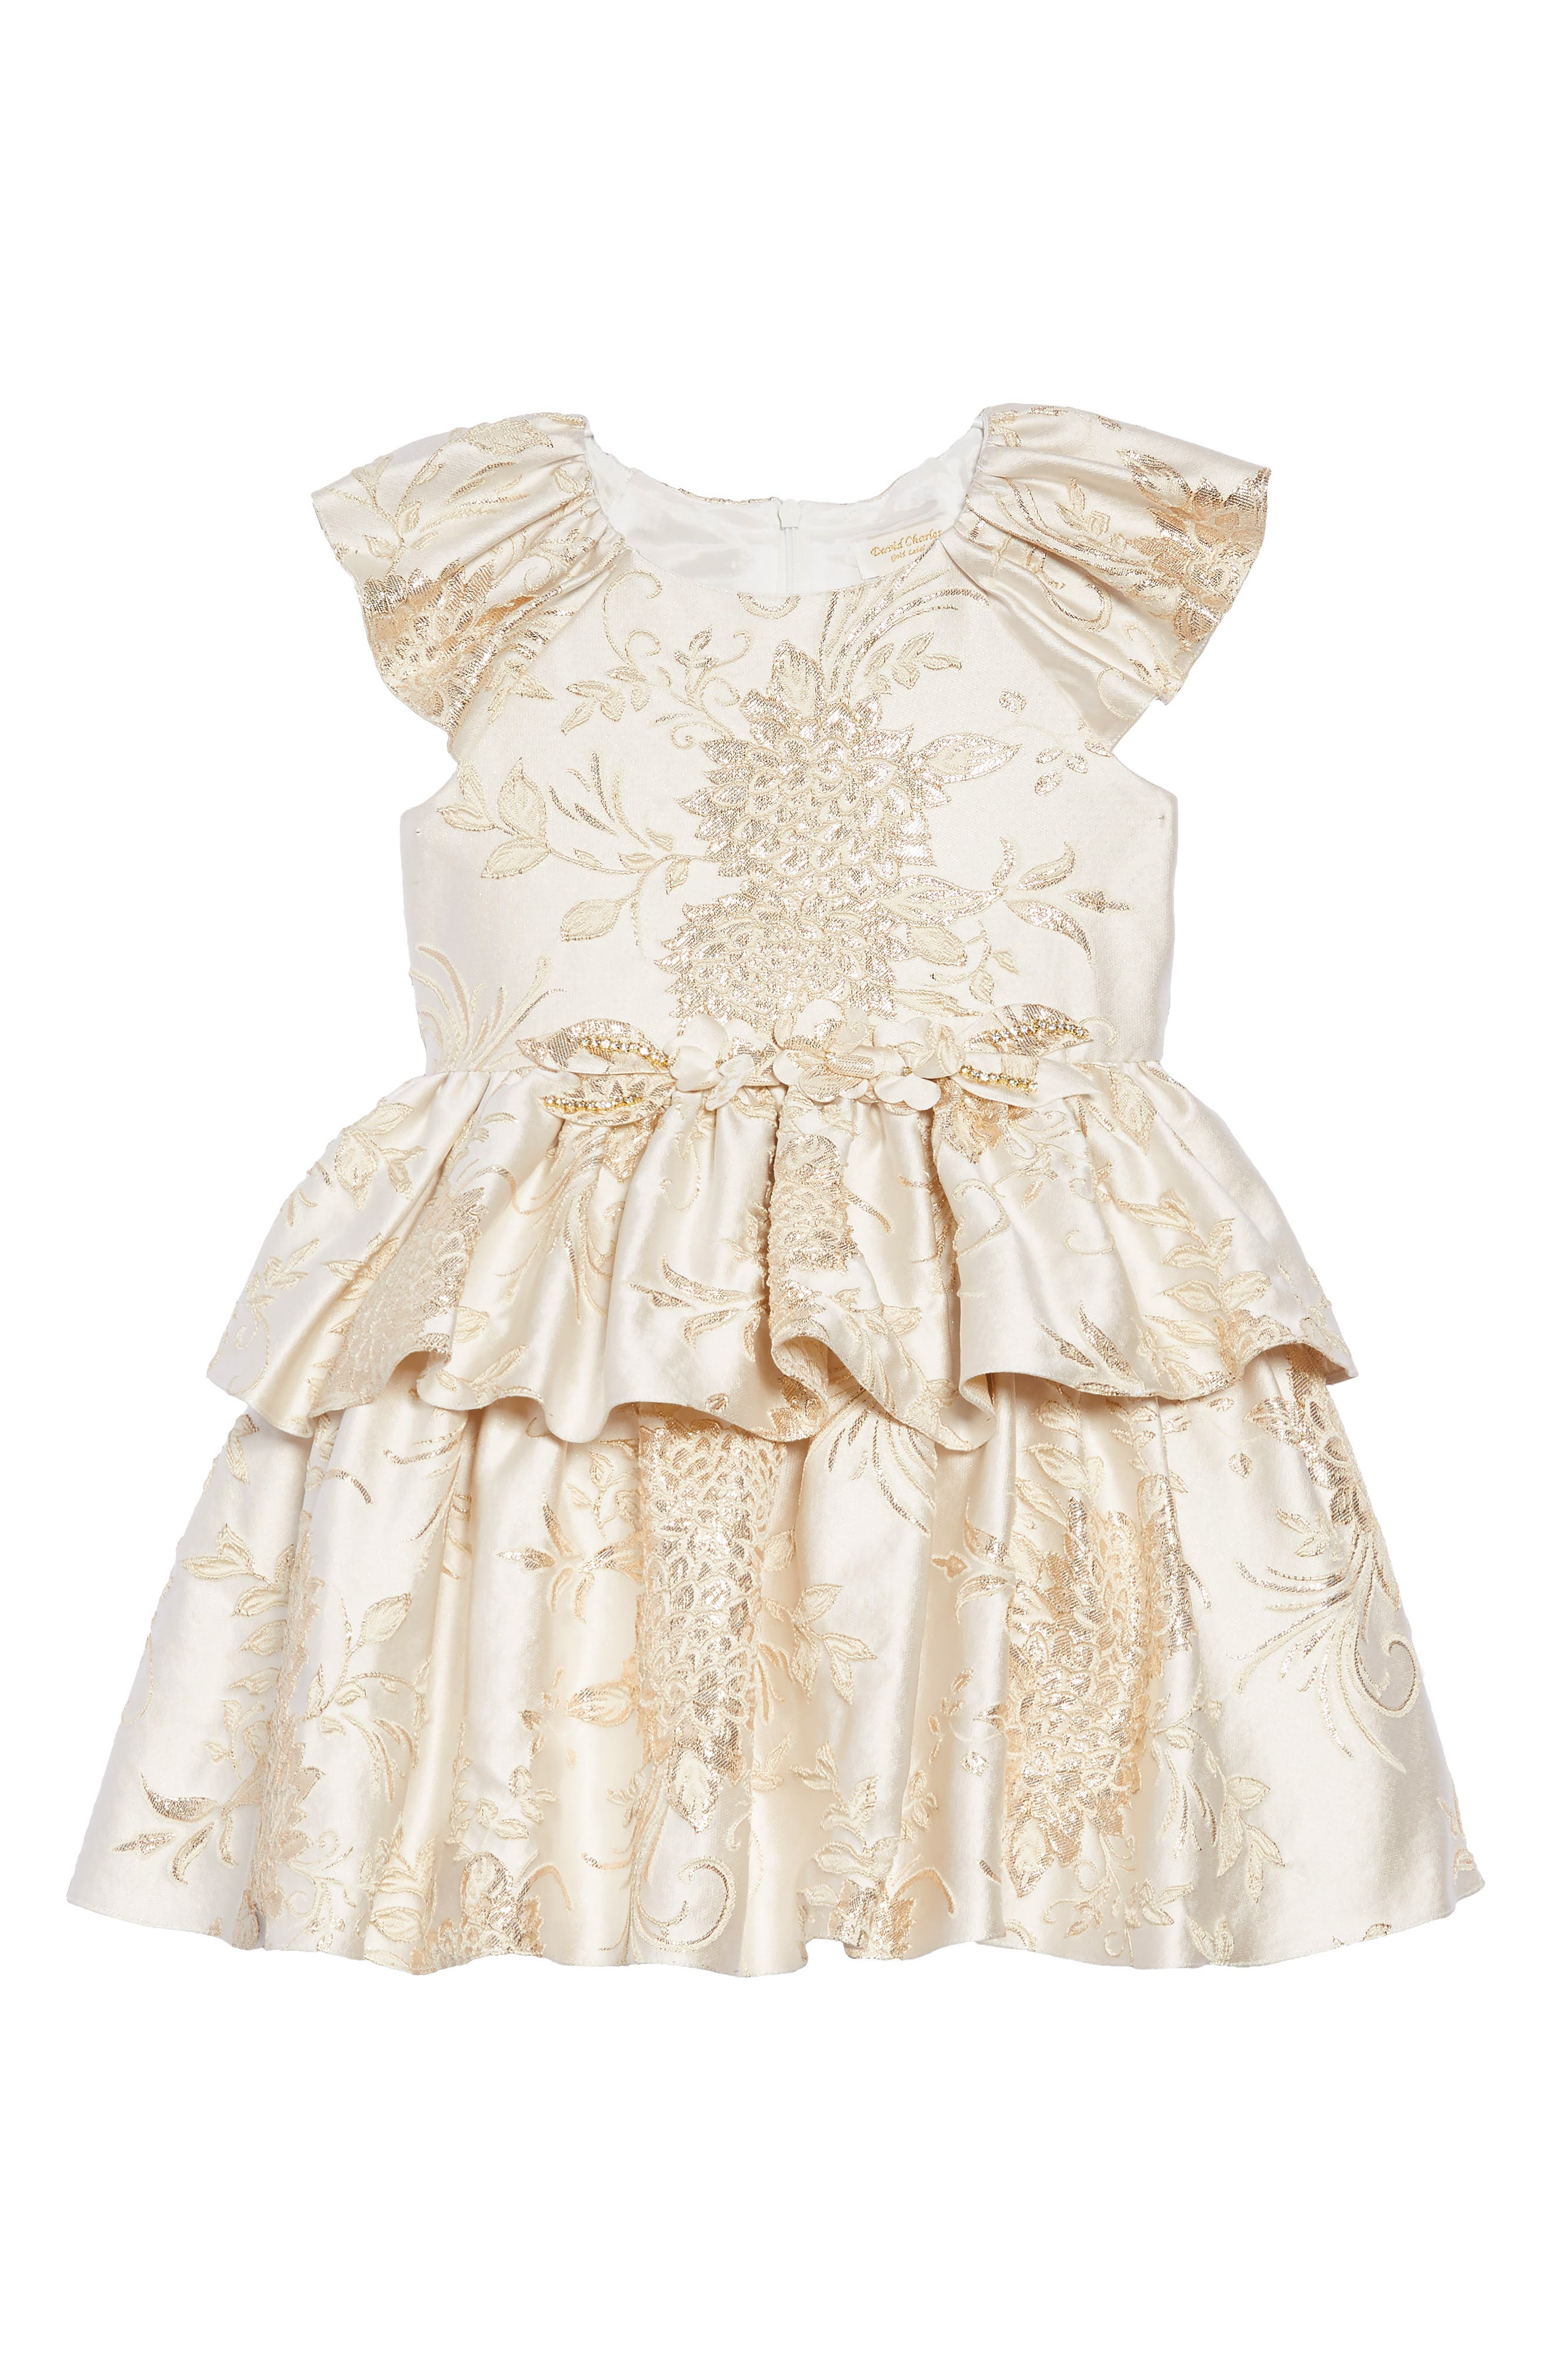 Brocade Dress,                             Main thumbnail 1, color,                             IVORY/ GOLD